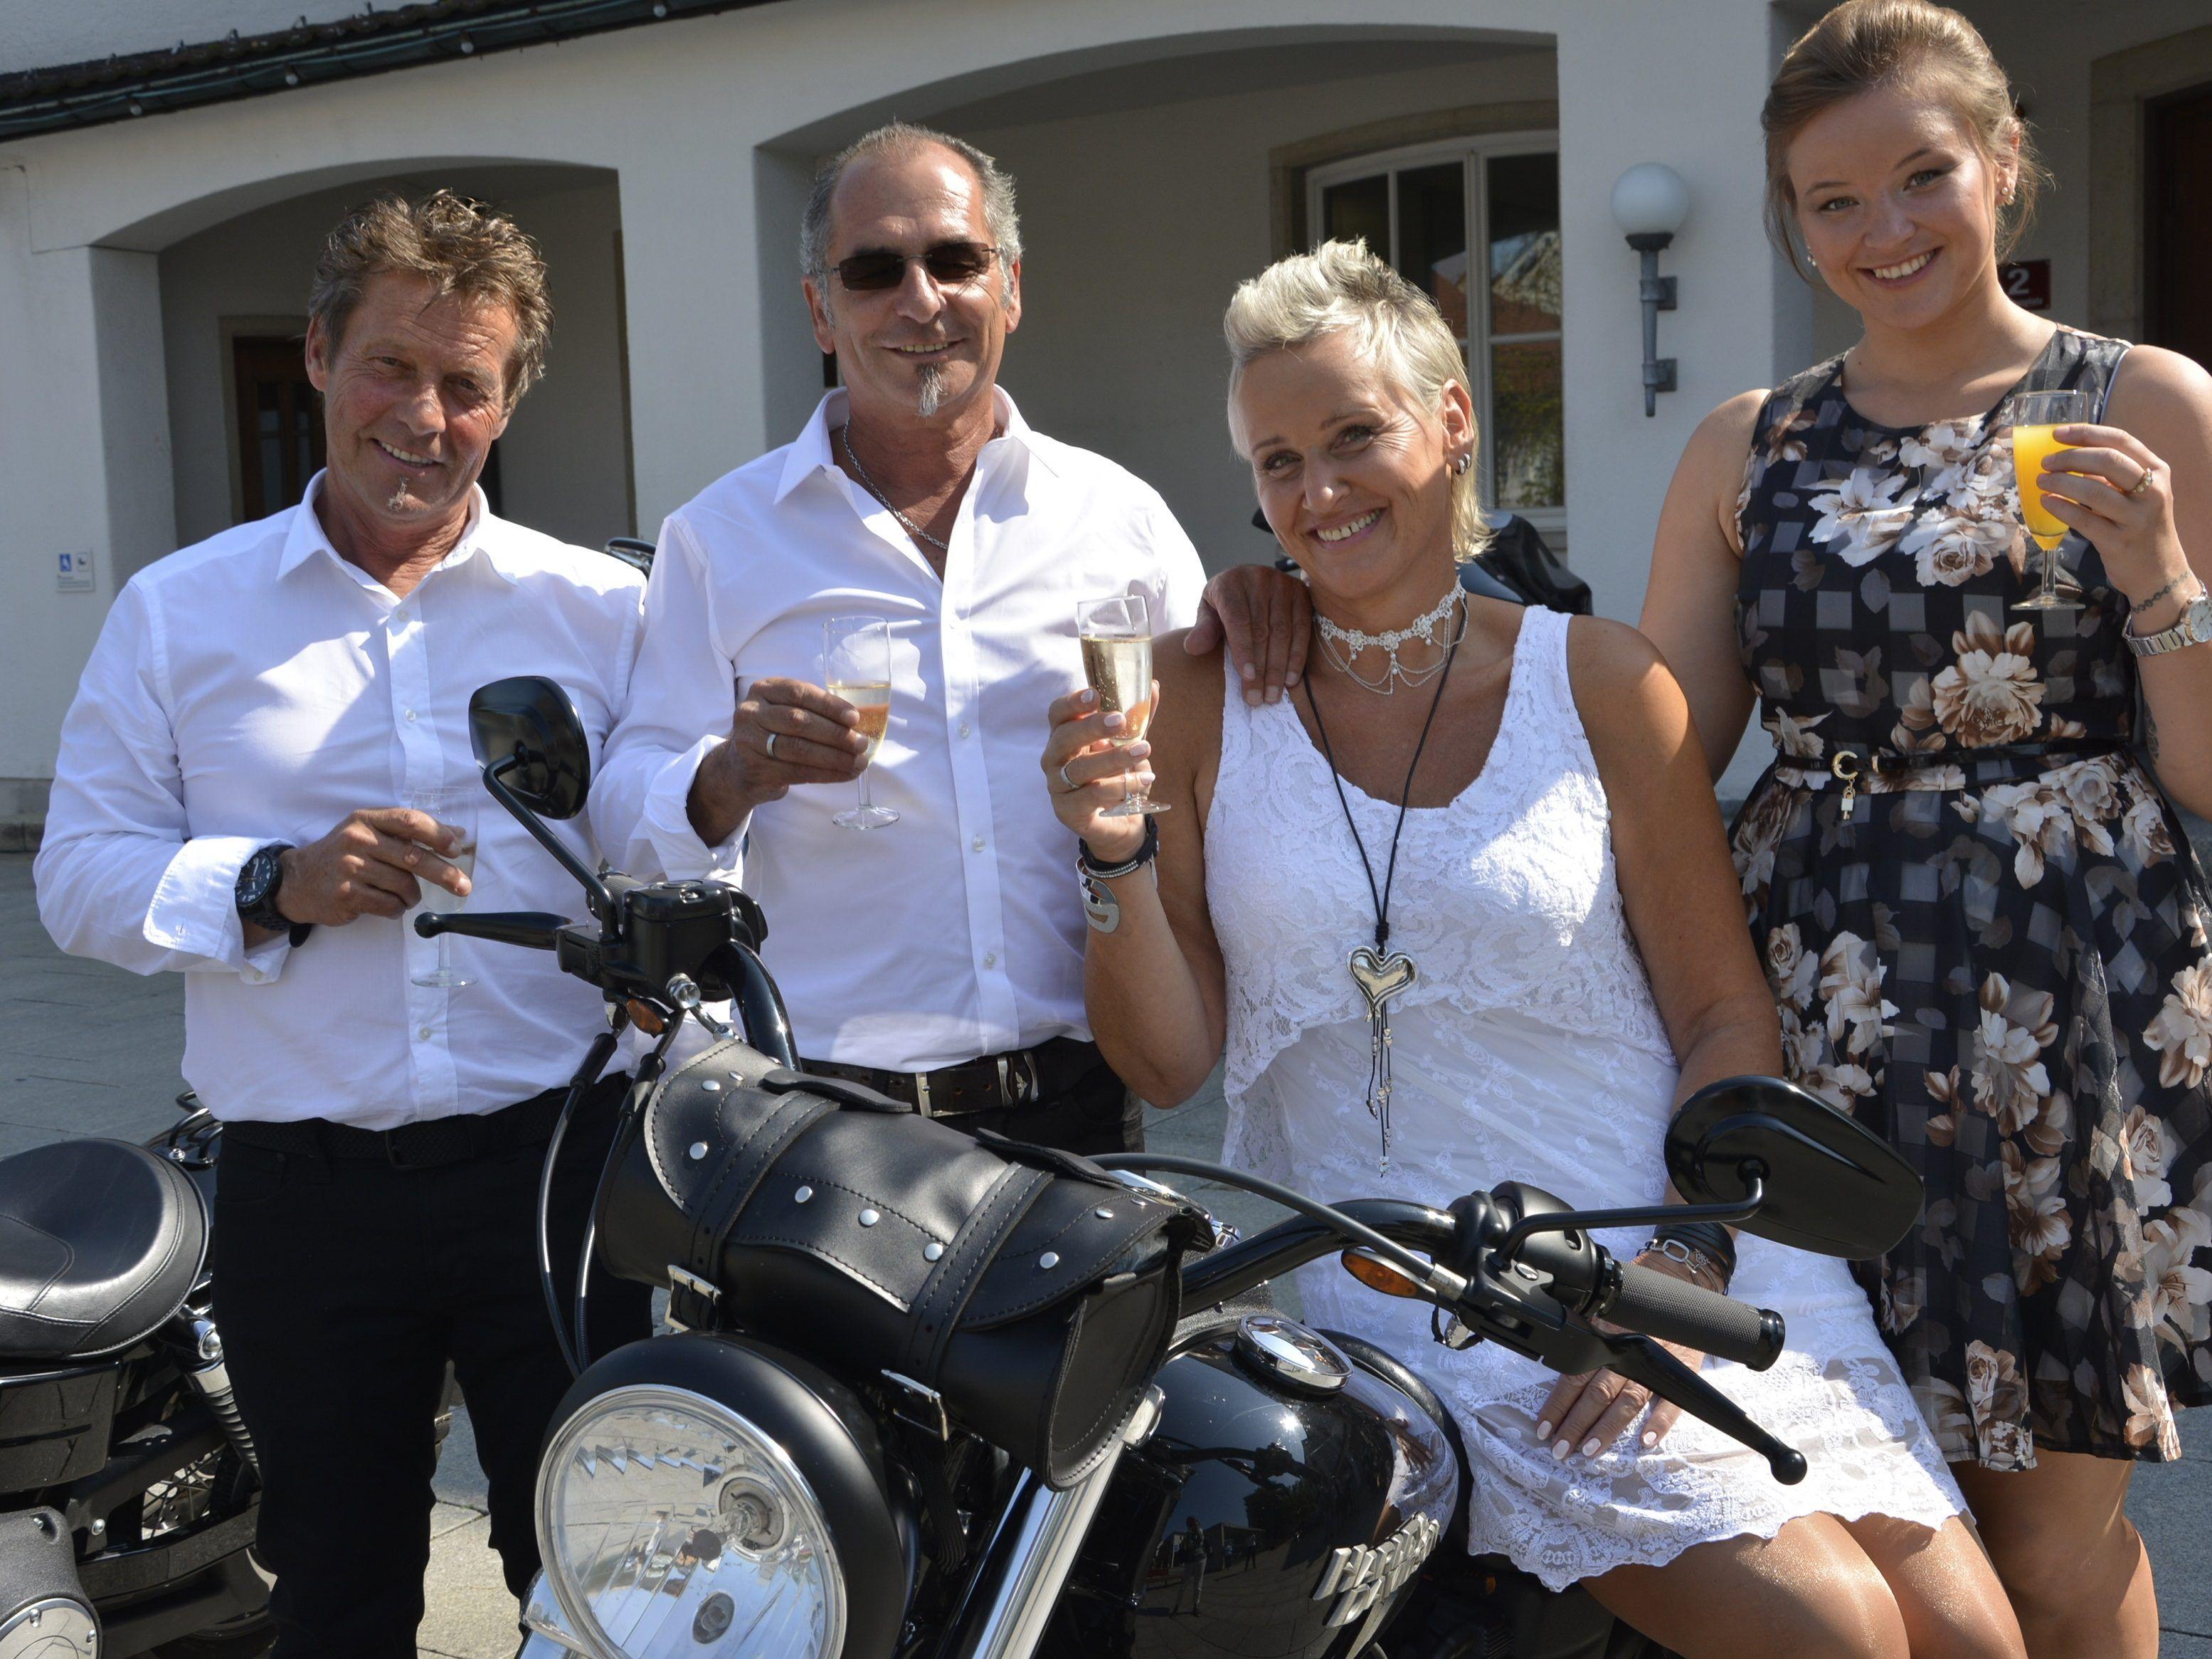 Hochzeit von Andrea Böhler und Manfred Greber - Dornbirn   VOL.AT